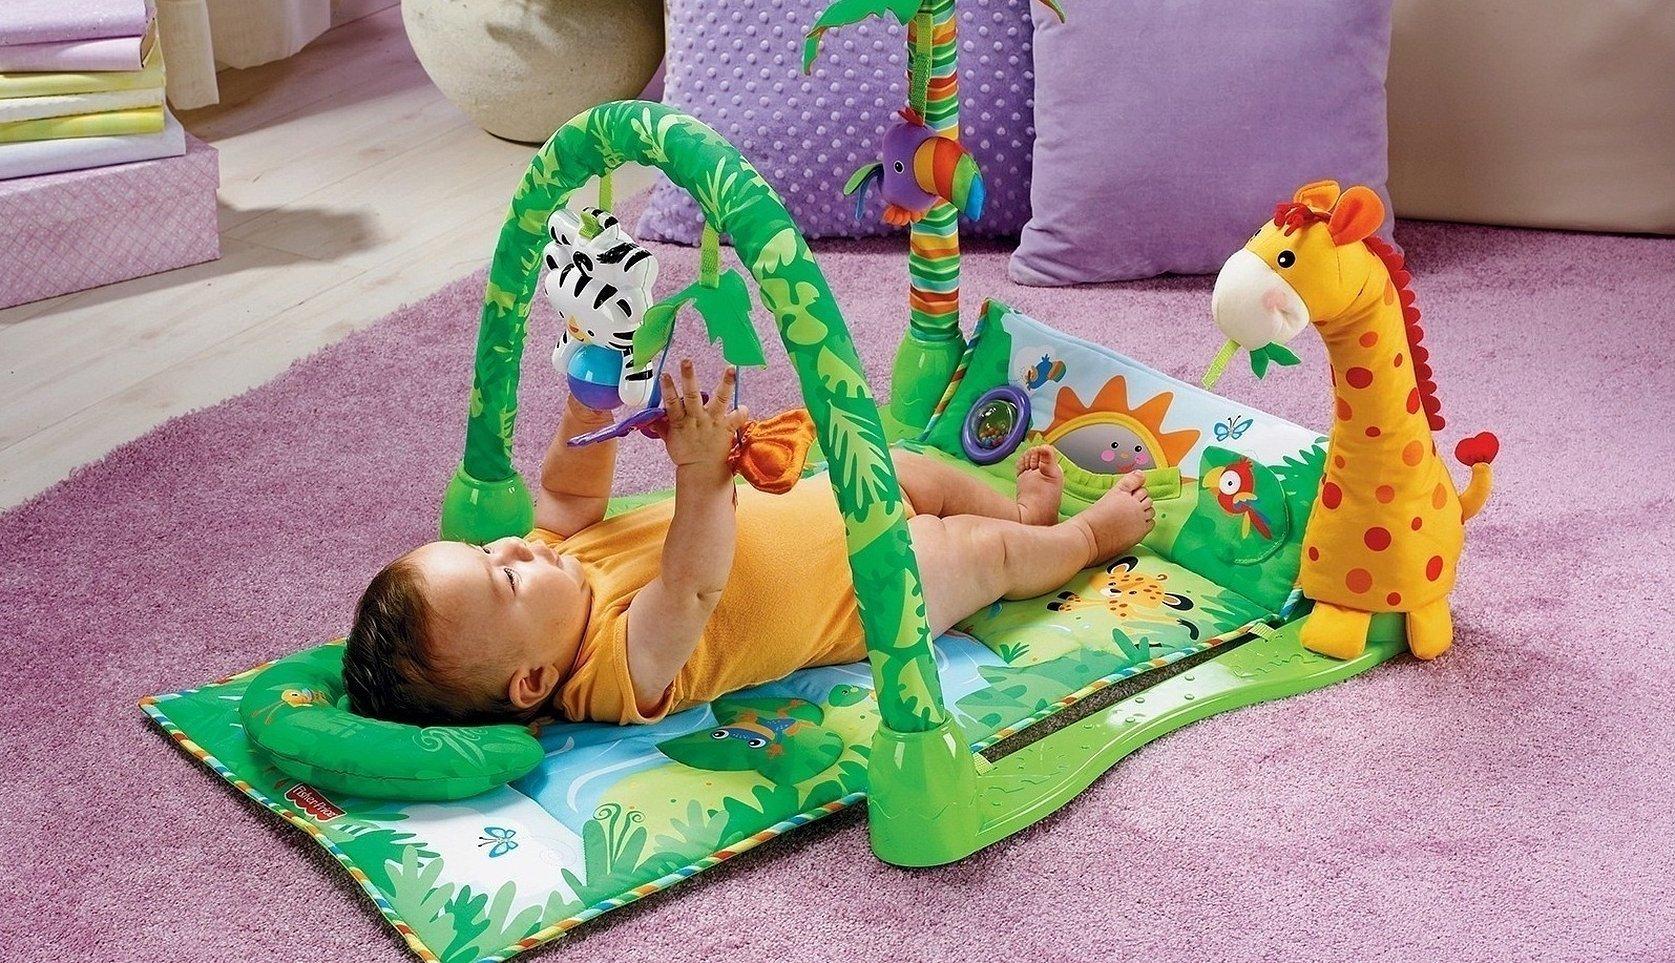 Fisher price развивающий коврик с жирафом